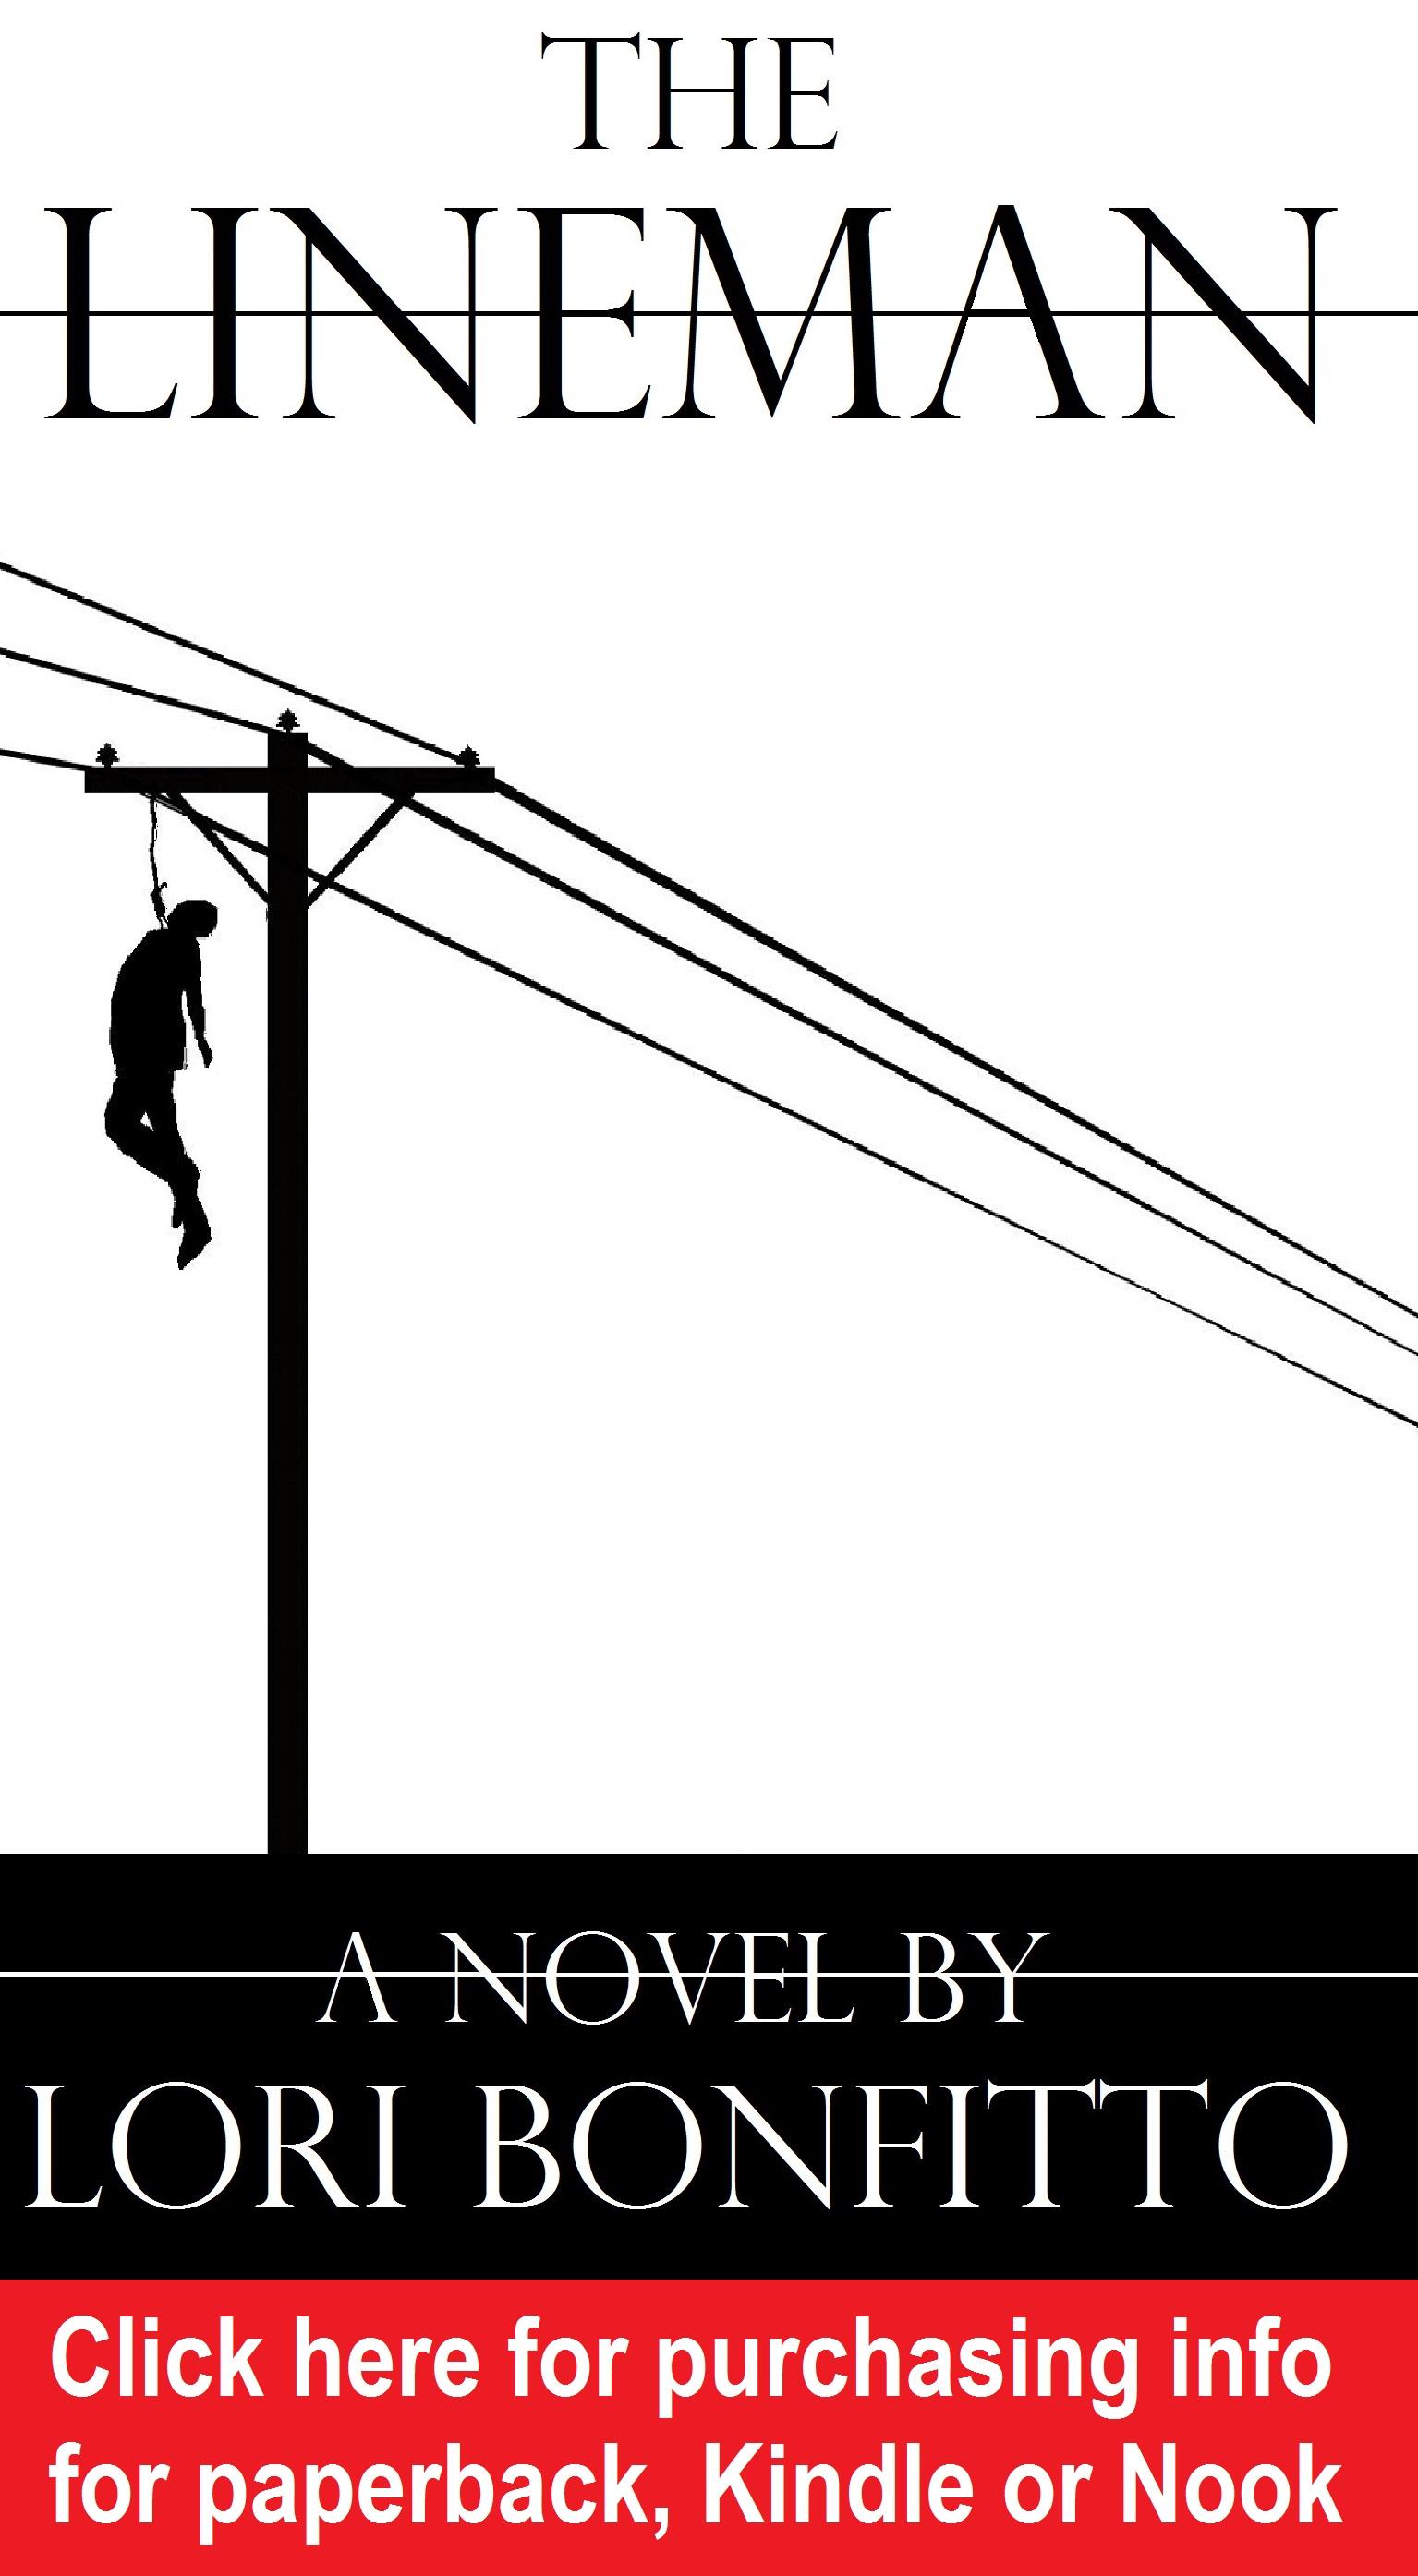 The Lineman by Lori Bonfitto